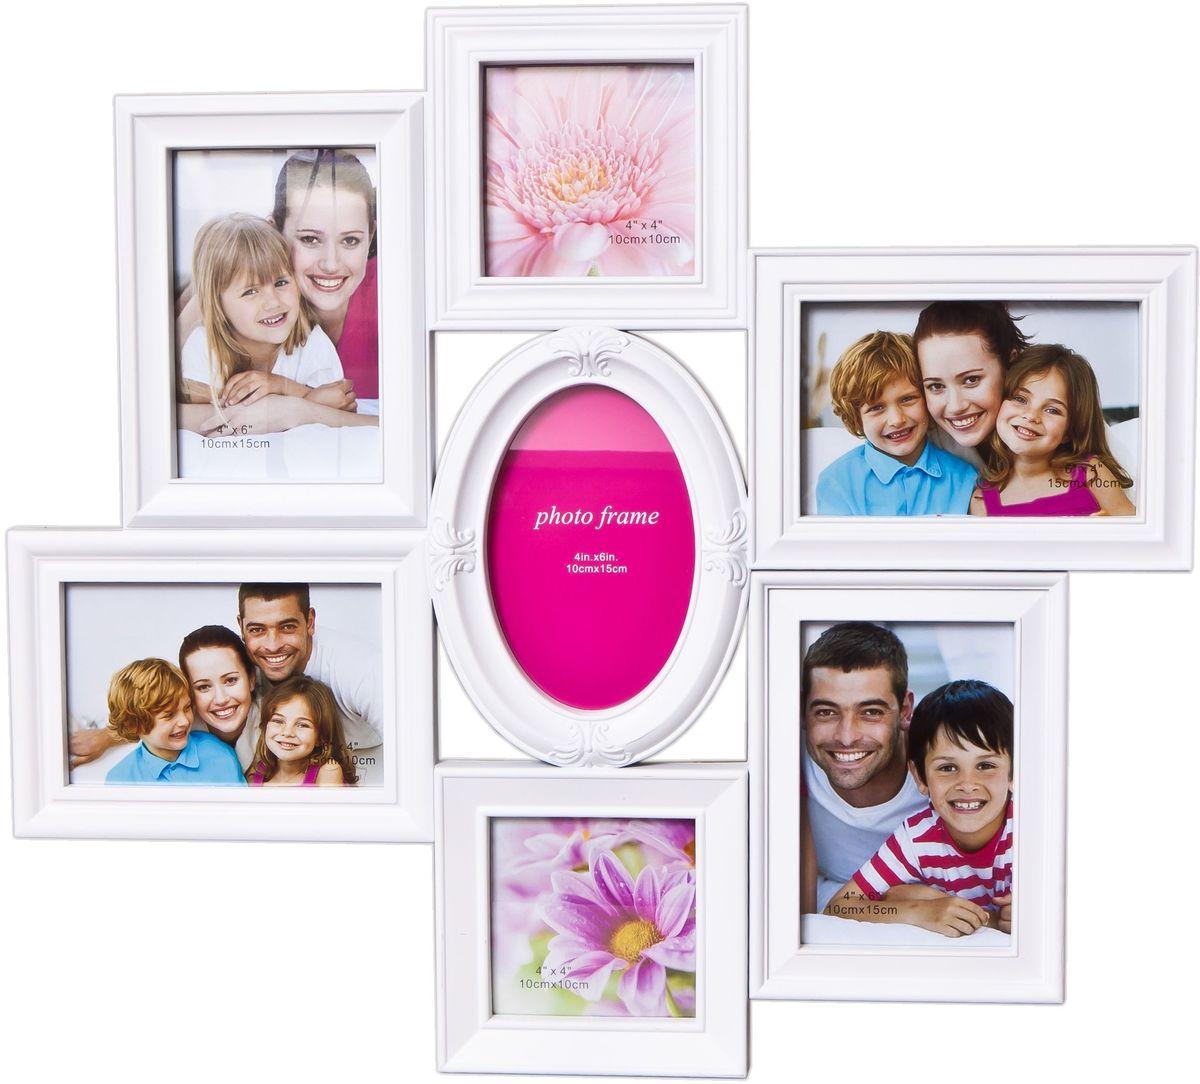 Коллаж Platinum, цвет: белый, 7 фоторамок. BH-1313PLATINUM BH-1313-White-БелыйПластиковый коллаж с фото следующих размеров: 2 фото 10х10 см,5 фото 10х15 см.